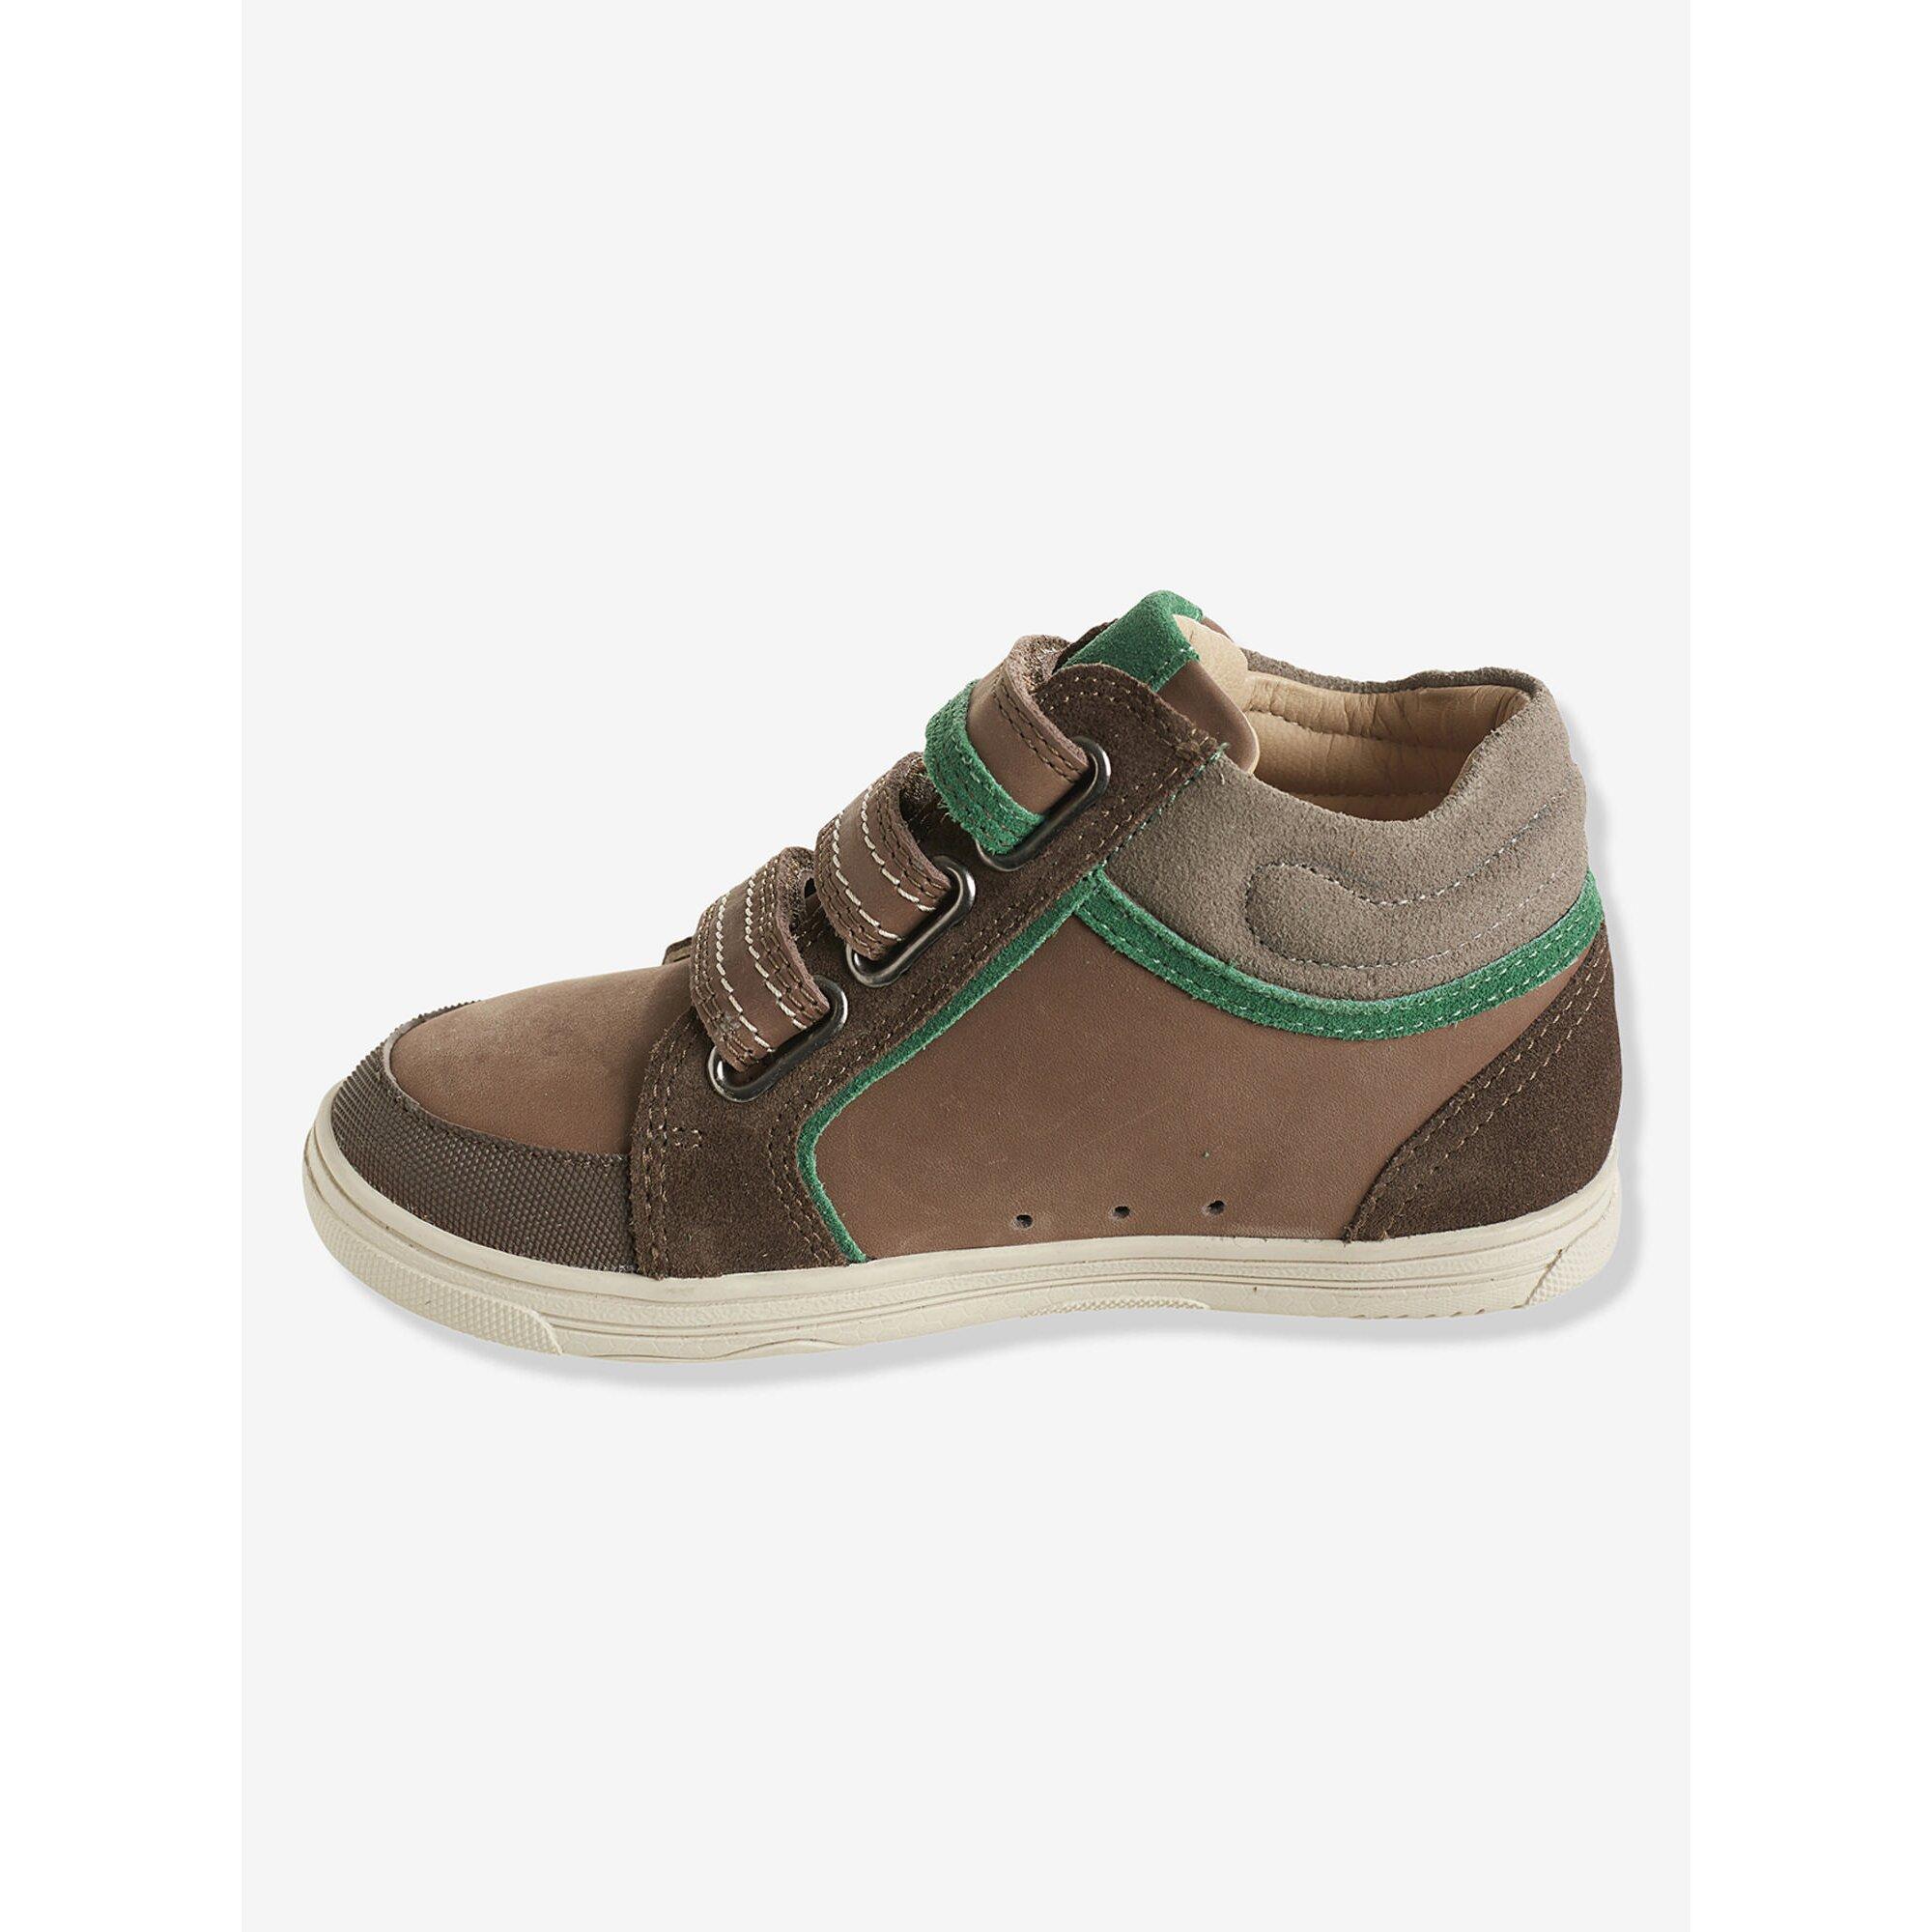 vertbaudet-sneakers-fur-jungen-leder, 65.99 EUR @ babywalz-de